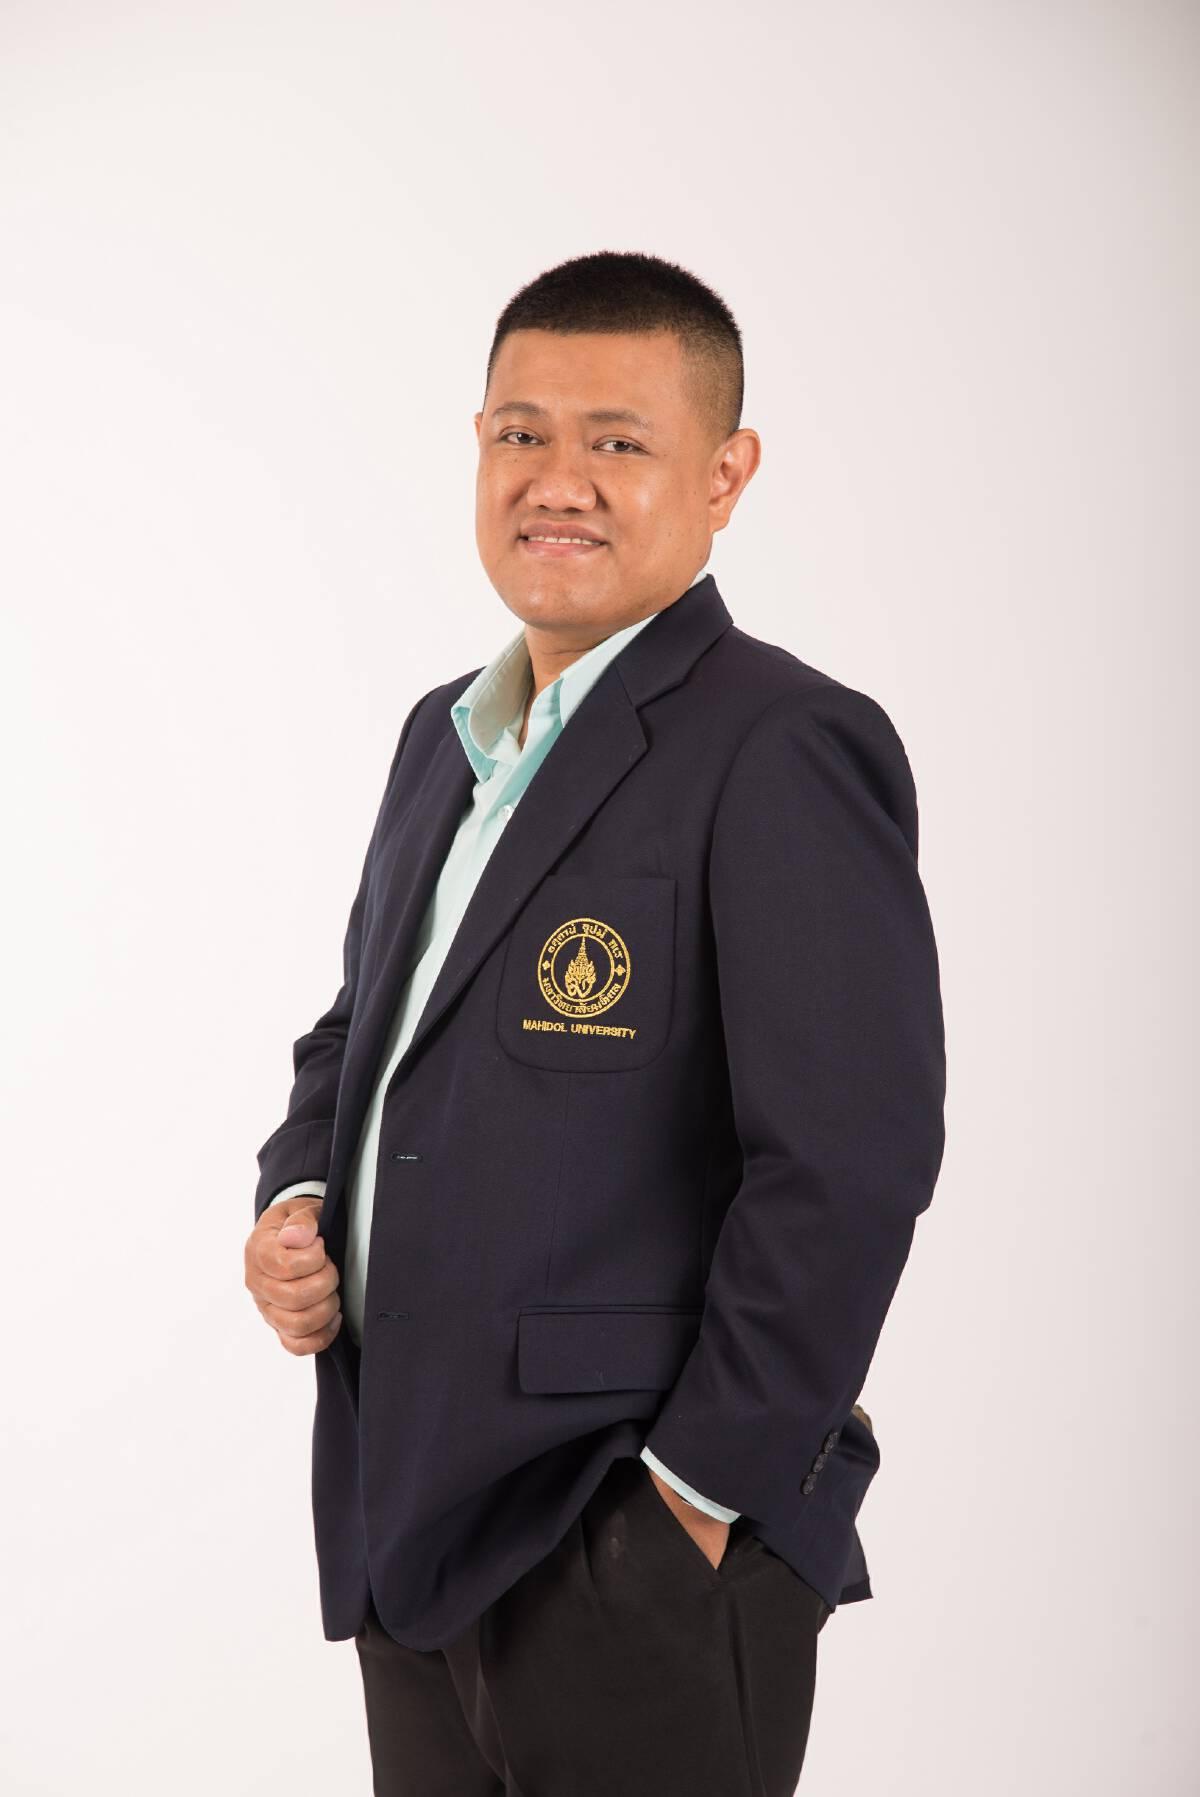 ดร. ปิยภัสร ธาระวานิช หัวหน้าสาขาการเงิน วิทยาลัยการจัดการ มหาวิทยาลัยมหิดล หรือซีเอ็มเอ็มยู (CMMU)